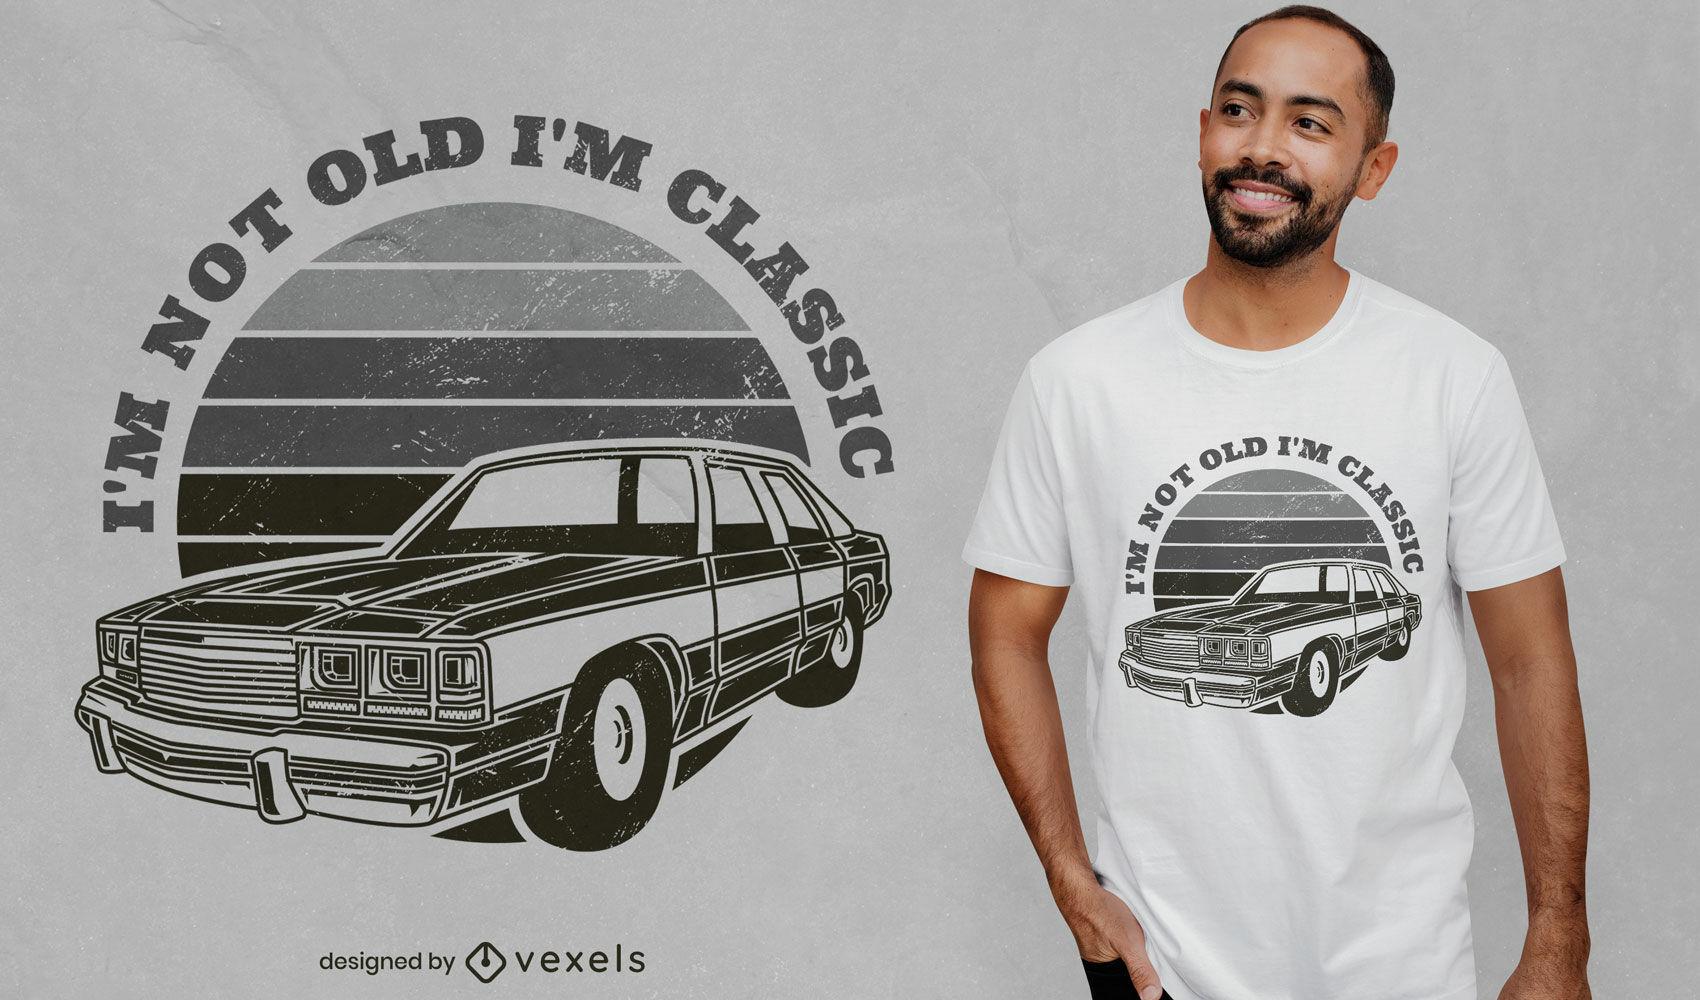 Vintage car transport t-shirt design